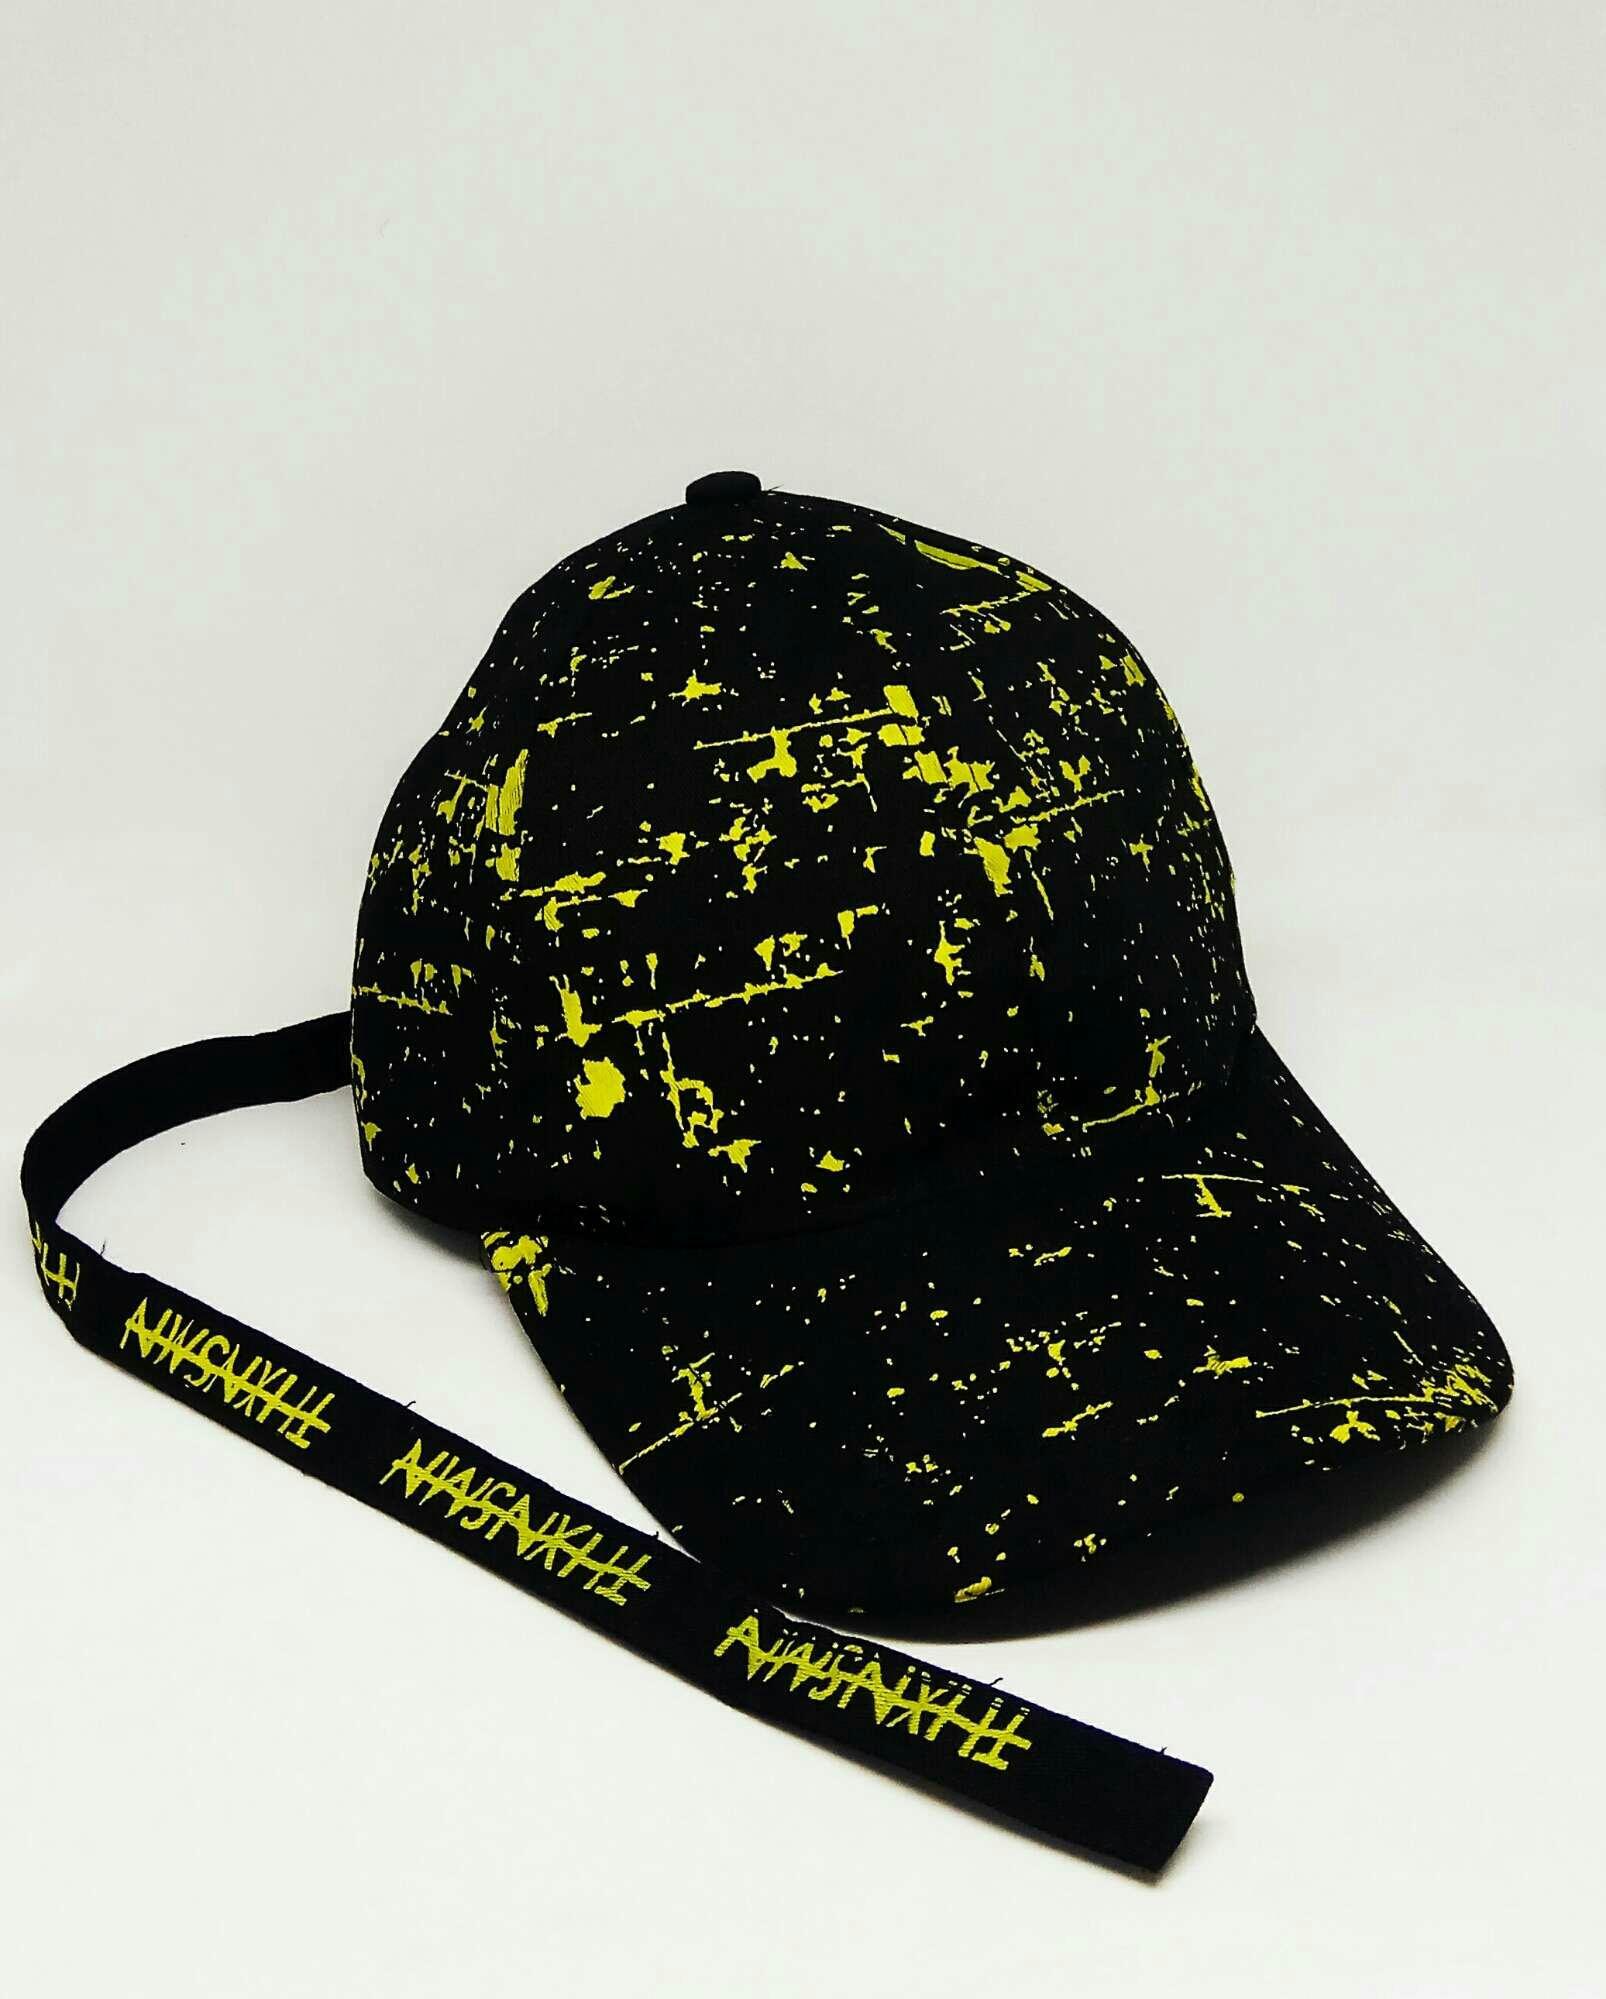 Dijual besar Topi distro pria topi baseball pria topi suprme pria ... 2bdff93269